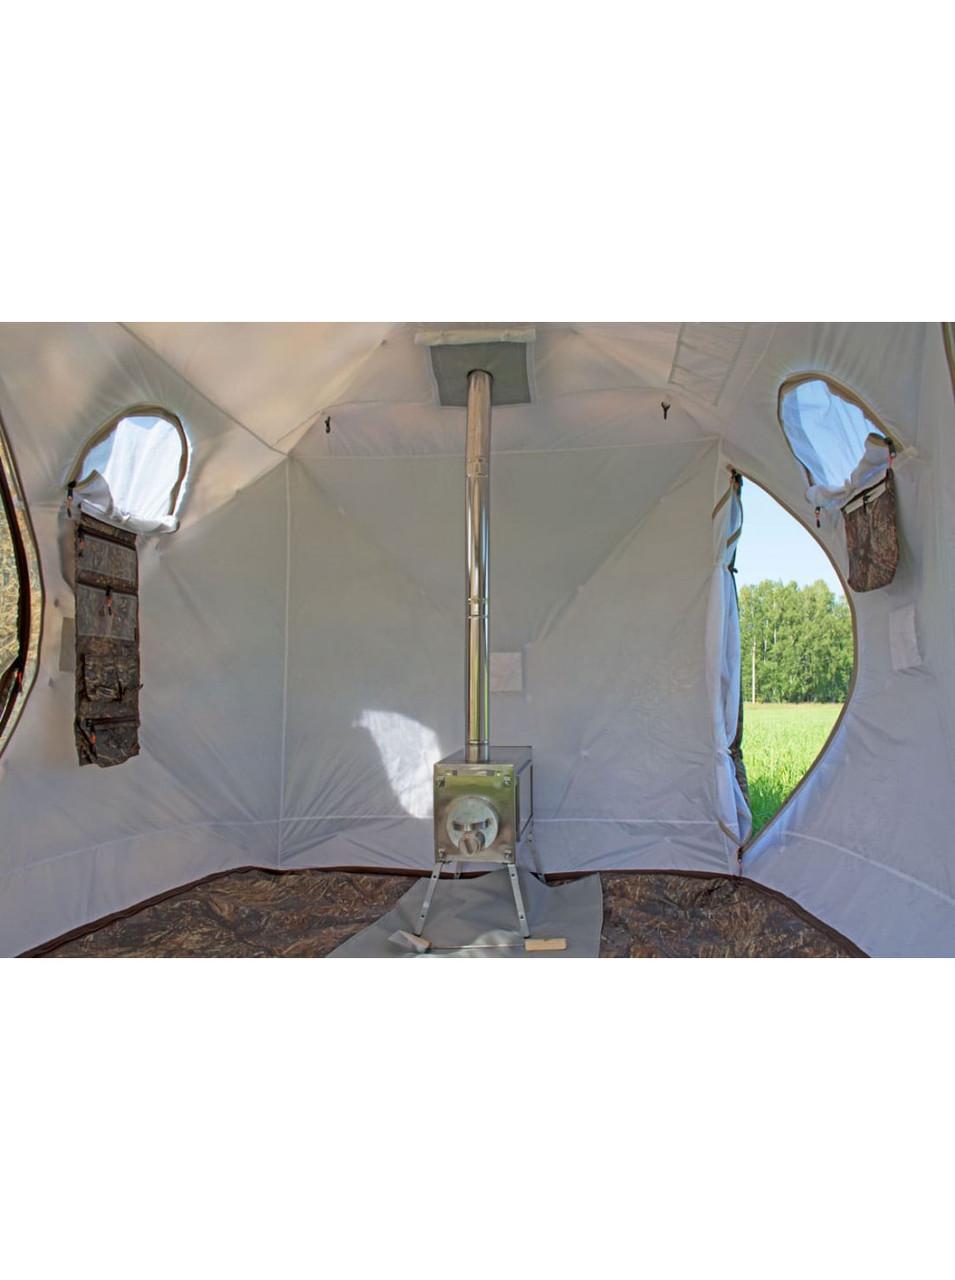 Палатка всесезонная Берег Кубоид 3.60 двухслойная, непромокаемый пол из ПВХ размер 3,6 x 1,8 x 1,9 м - фото 3